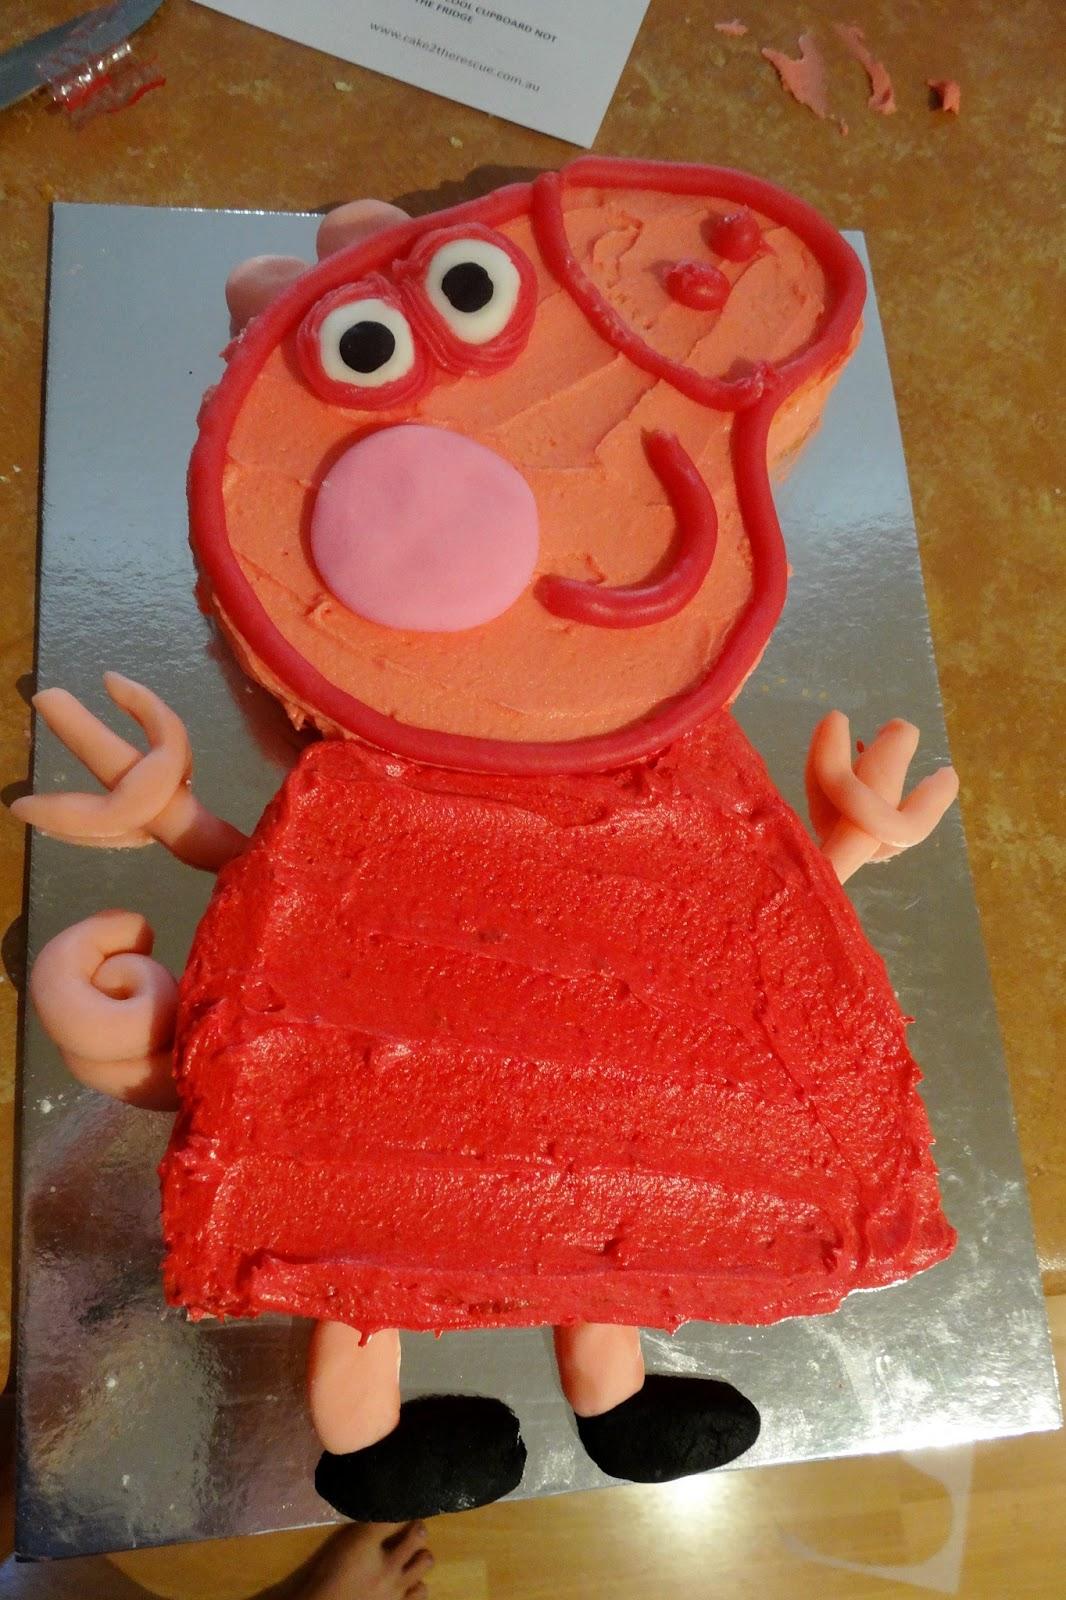 How Can I Make A Peppa Pig Birthday Cake